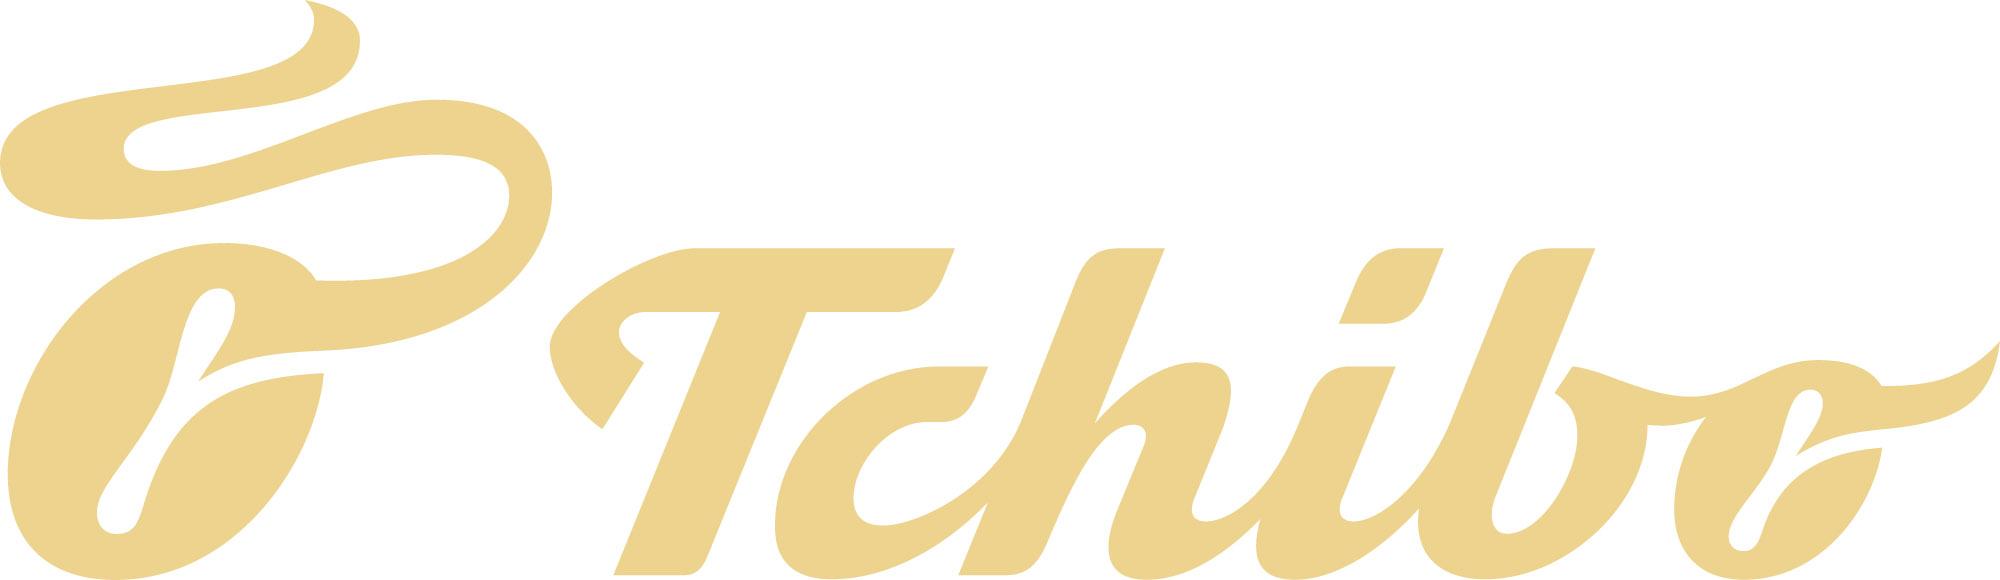 Natürlich abtauchen mit Tchibo - Sponsor logo